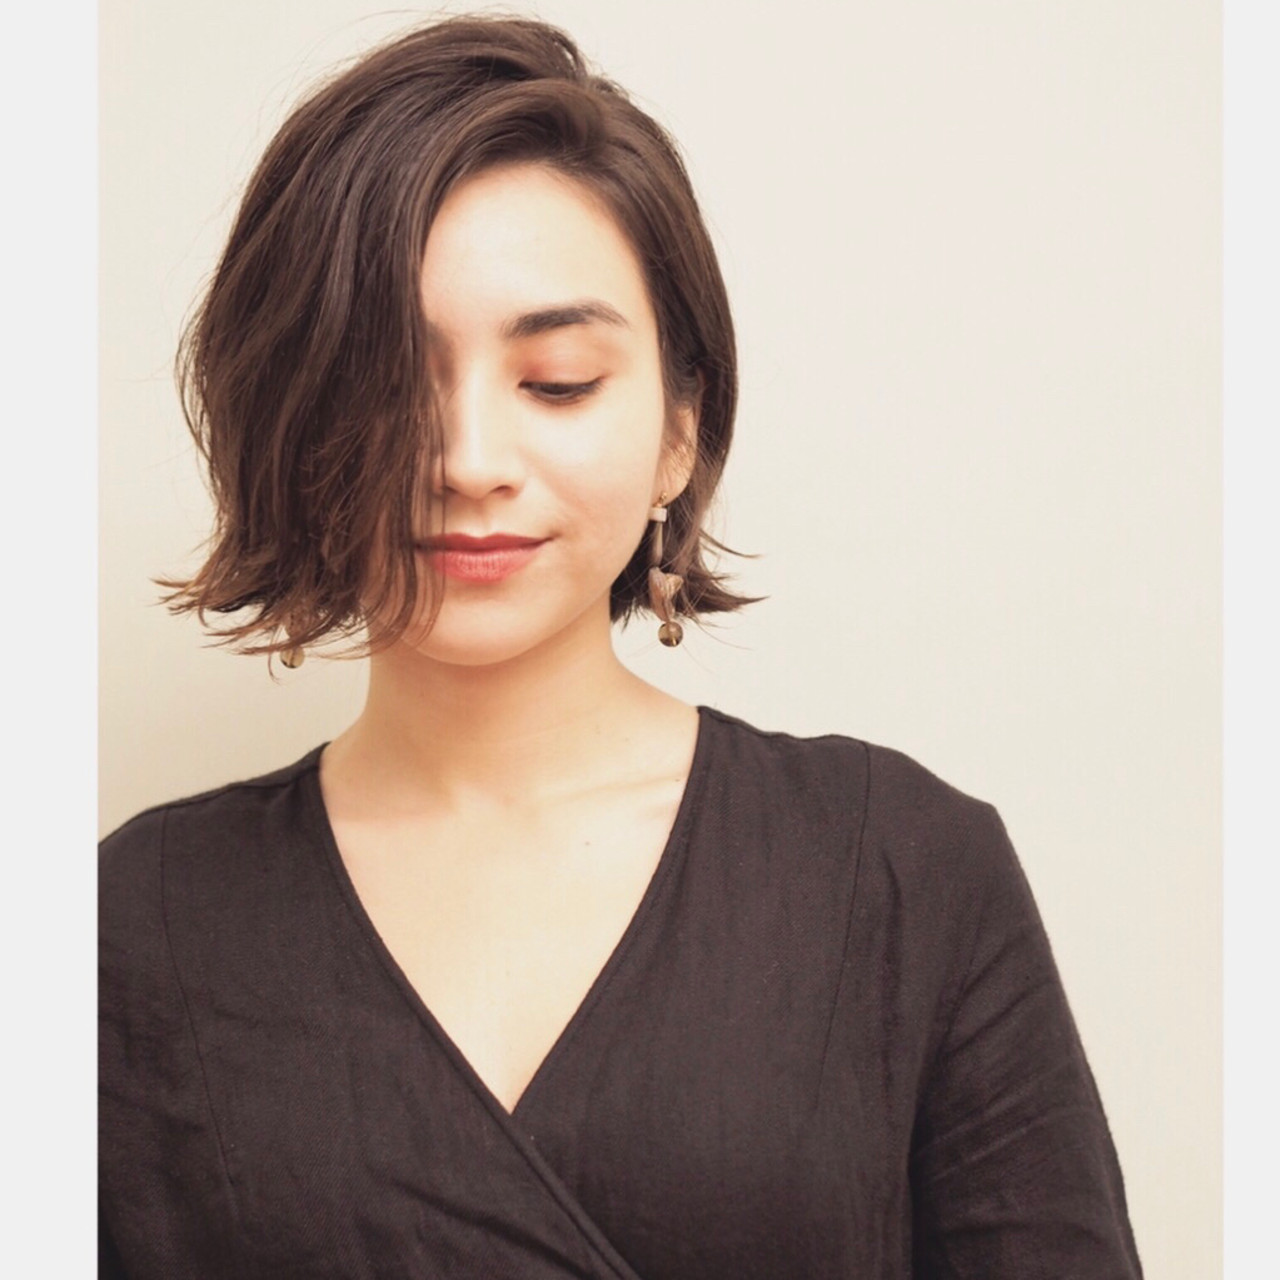 簡単スタイリング ボブ ナチュラル パーマ ヘアスタイルや髪型の写真・画像